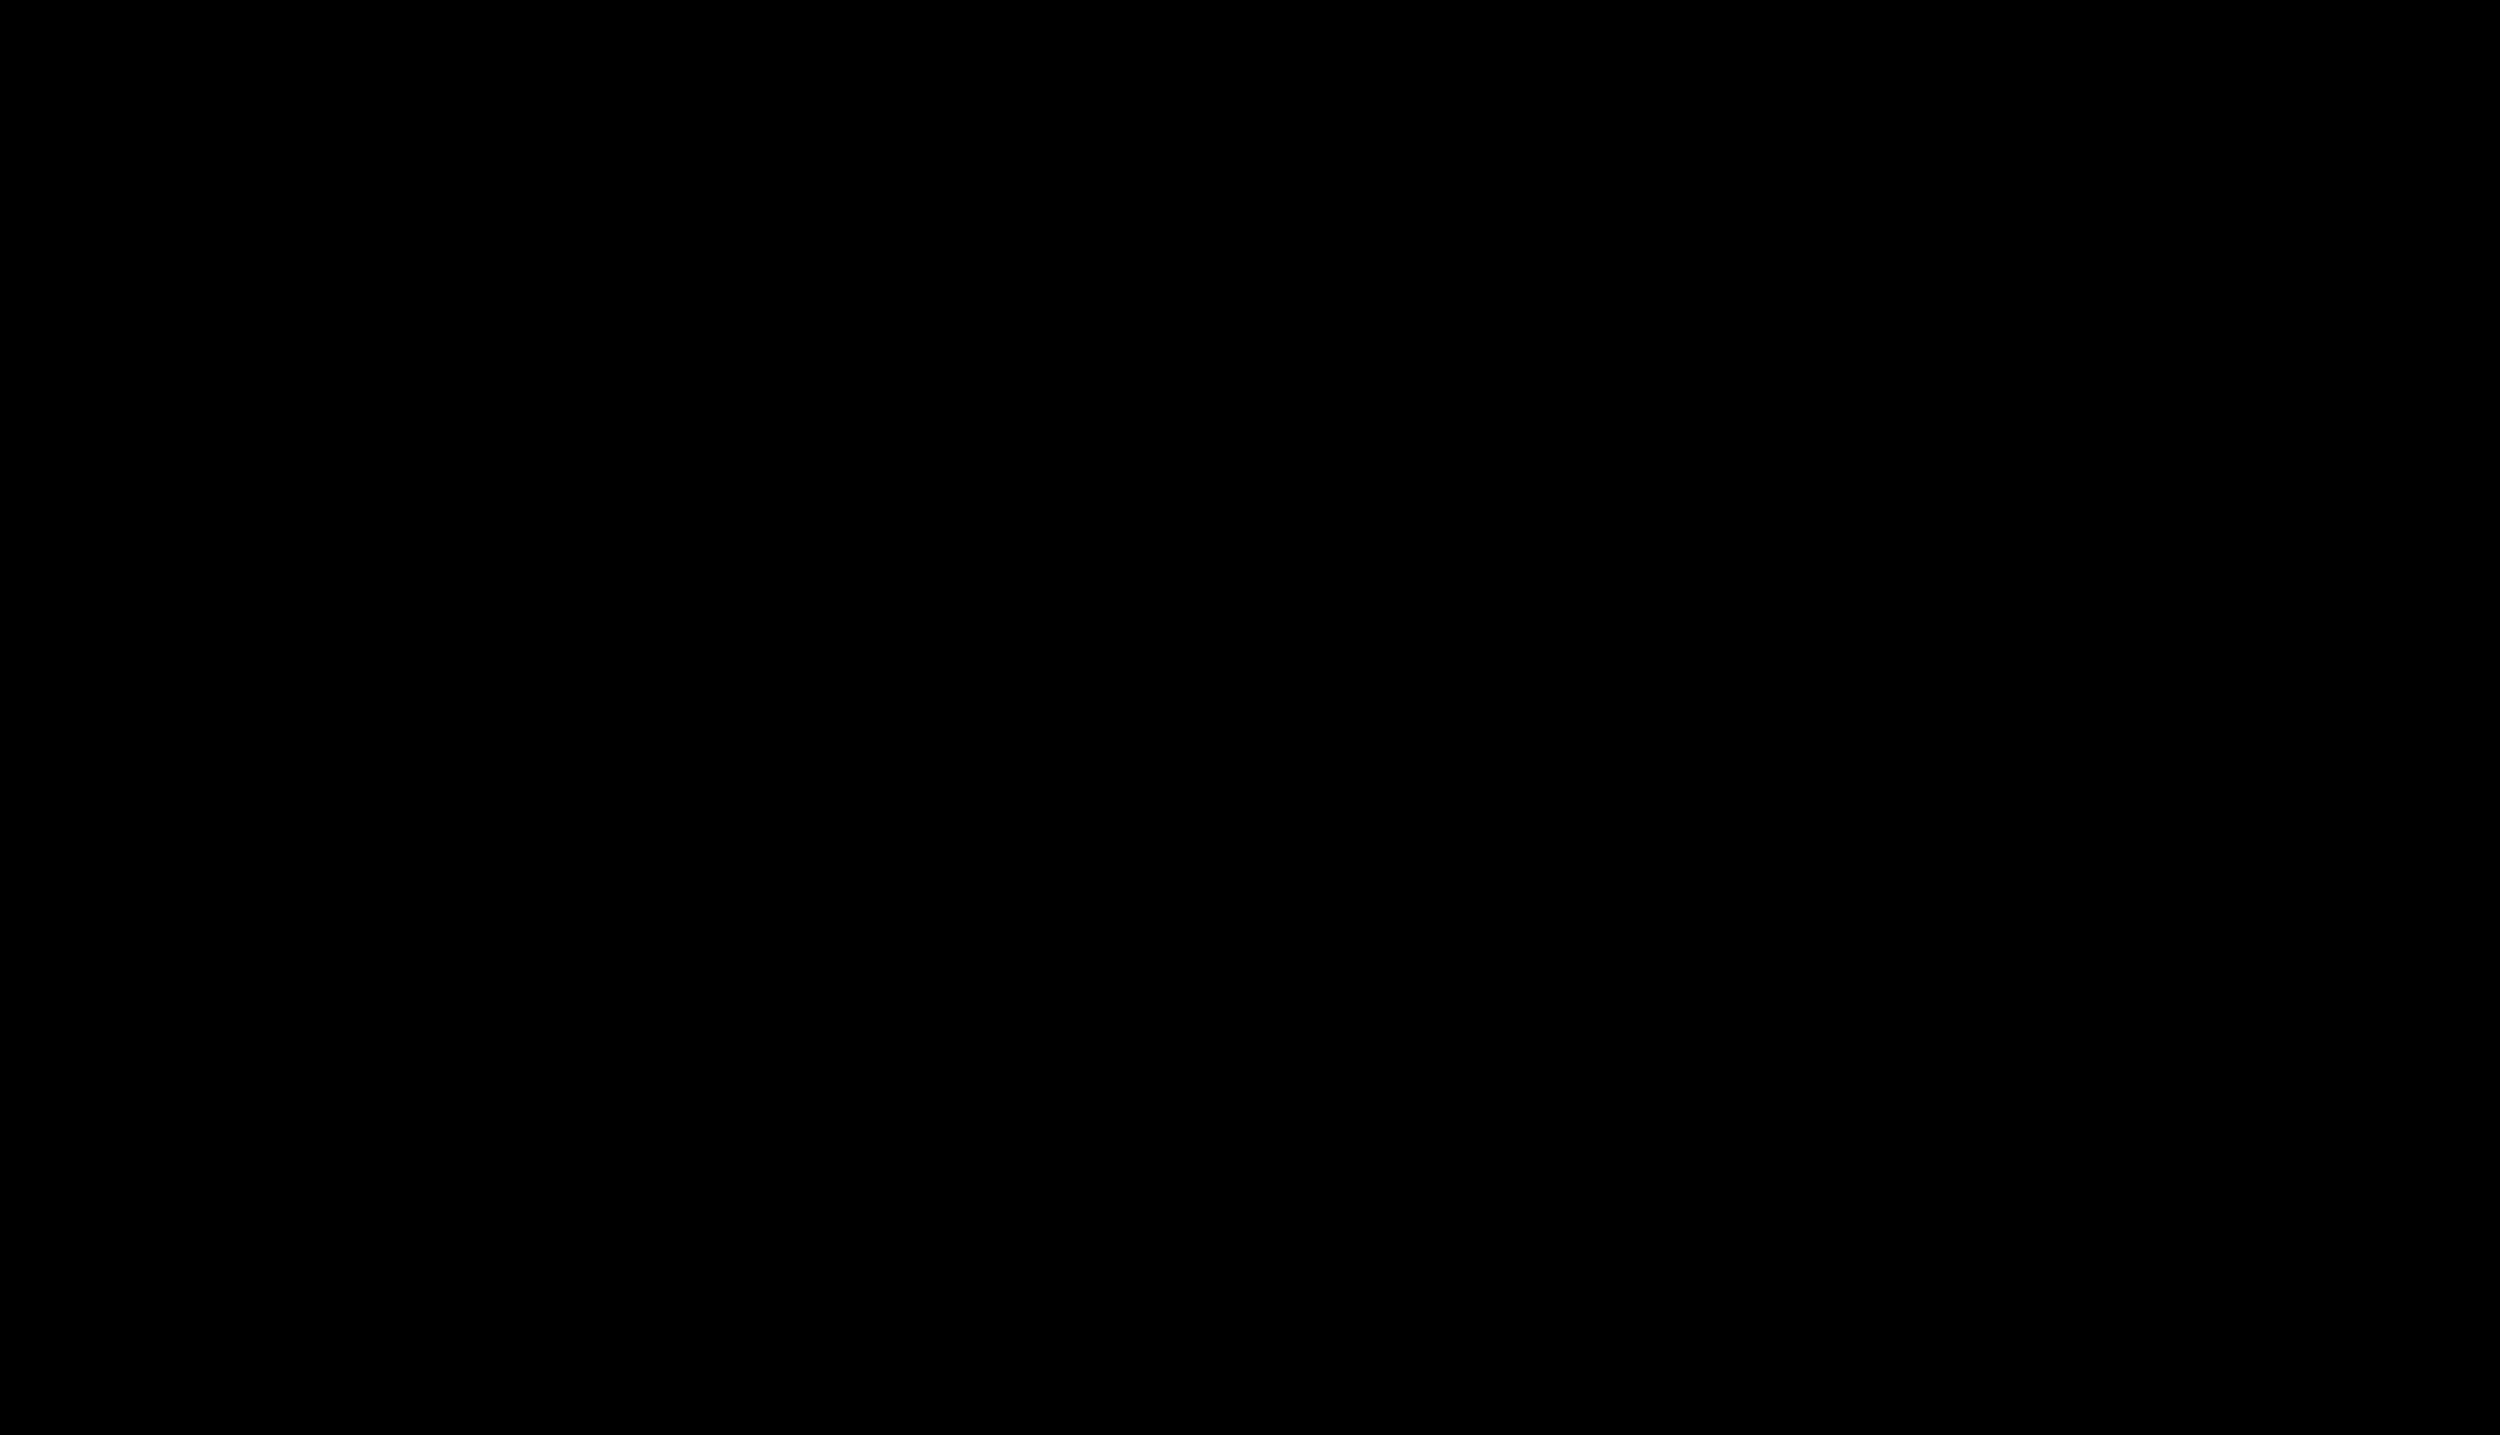 LL - RGB - for digital media - transparent background.png